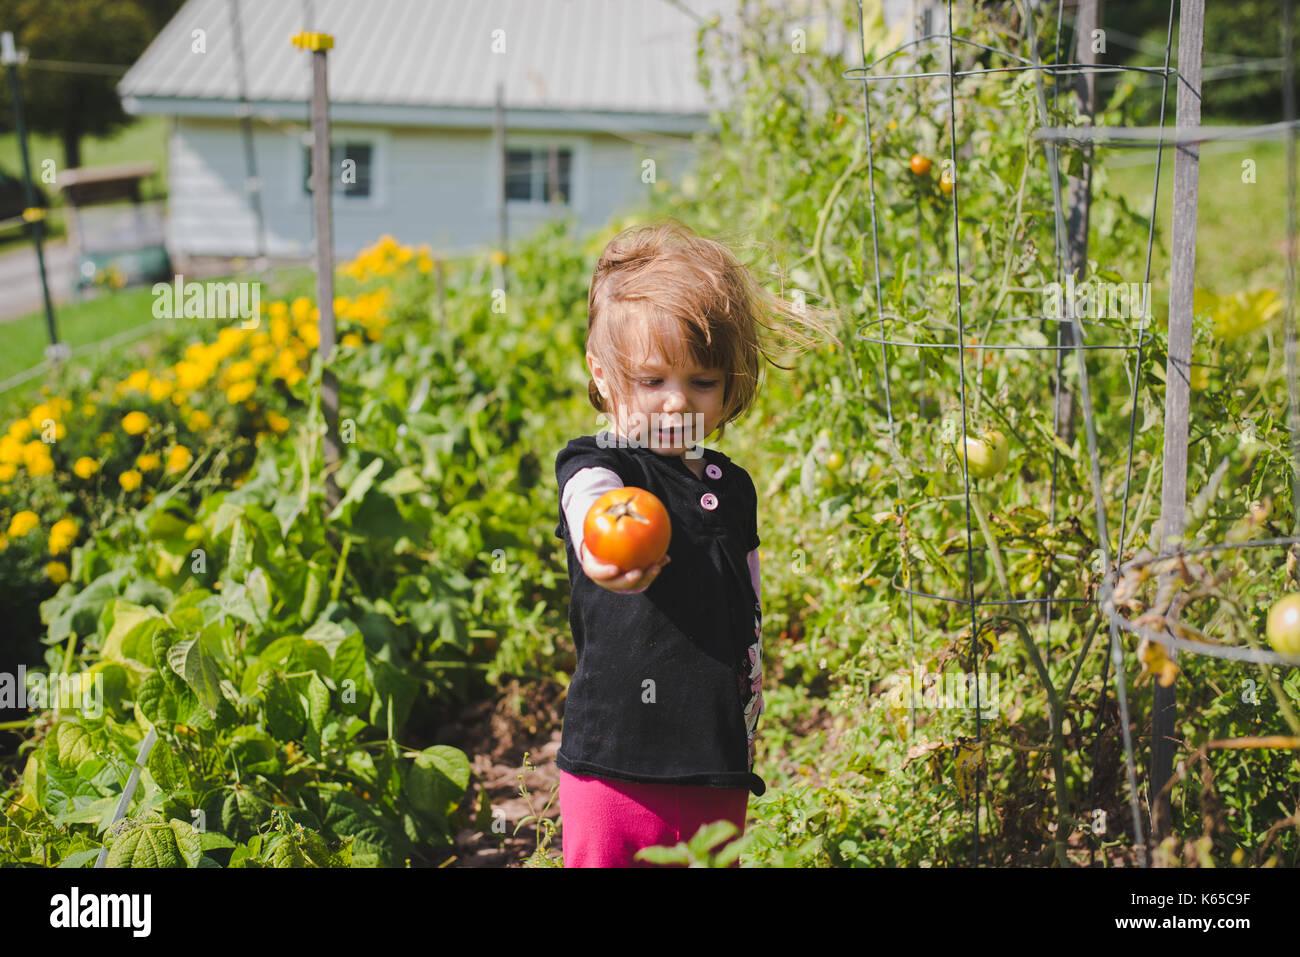 Una giovane ragazza tiene un pomodoro in mano dopo il prelievo dal gardne. Immagini Stock